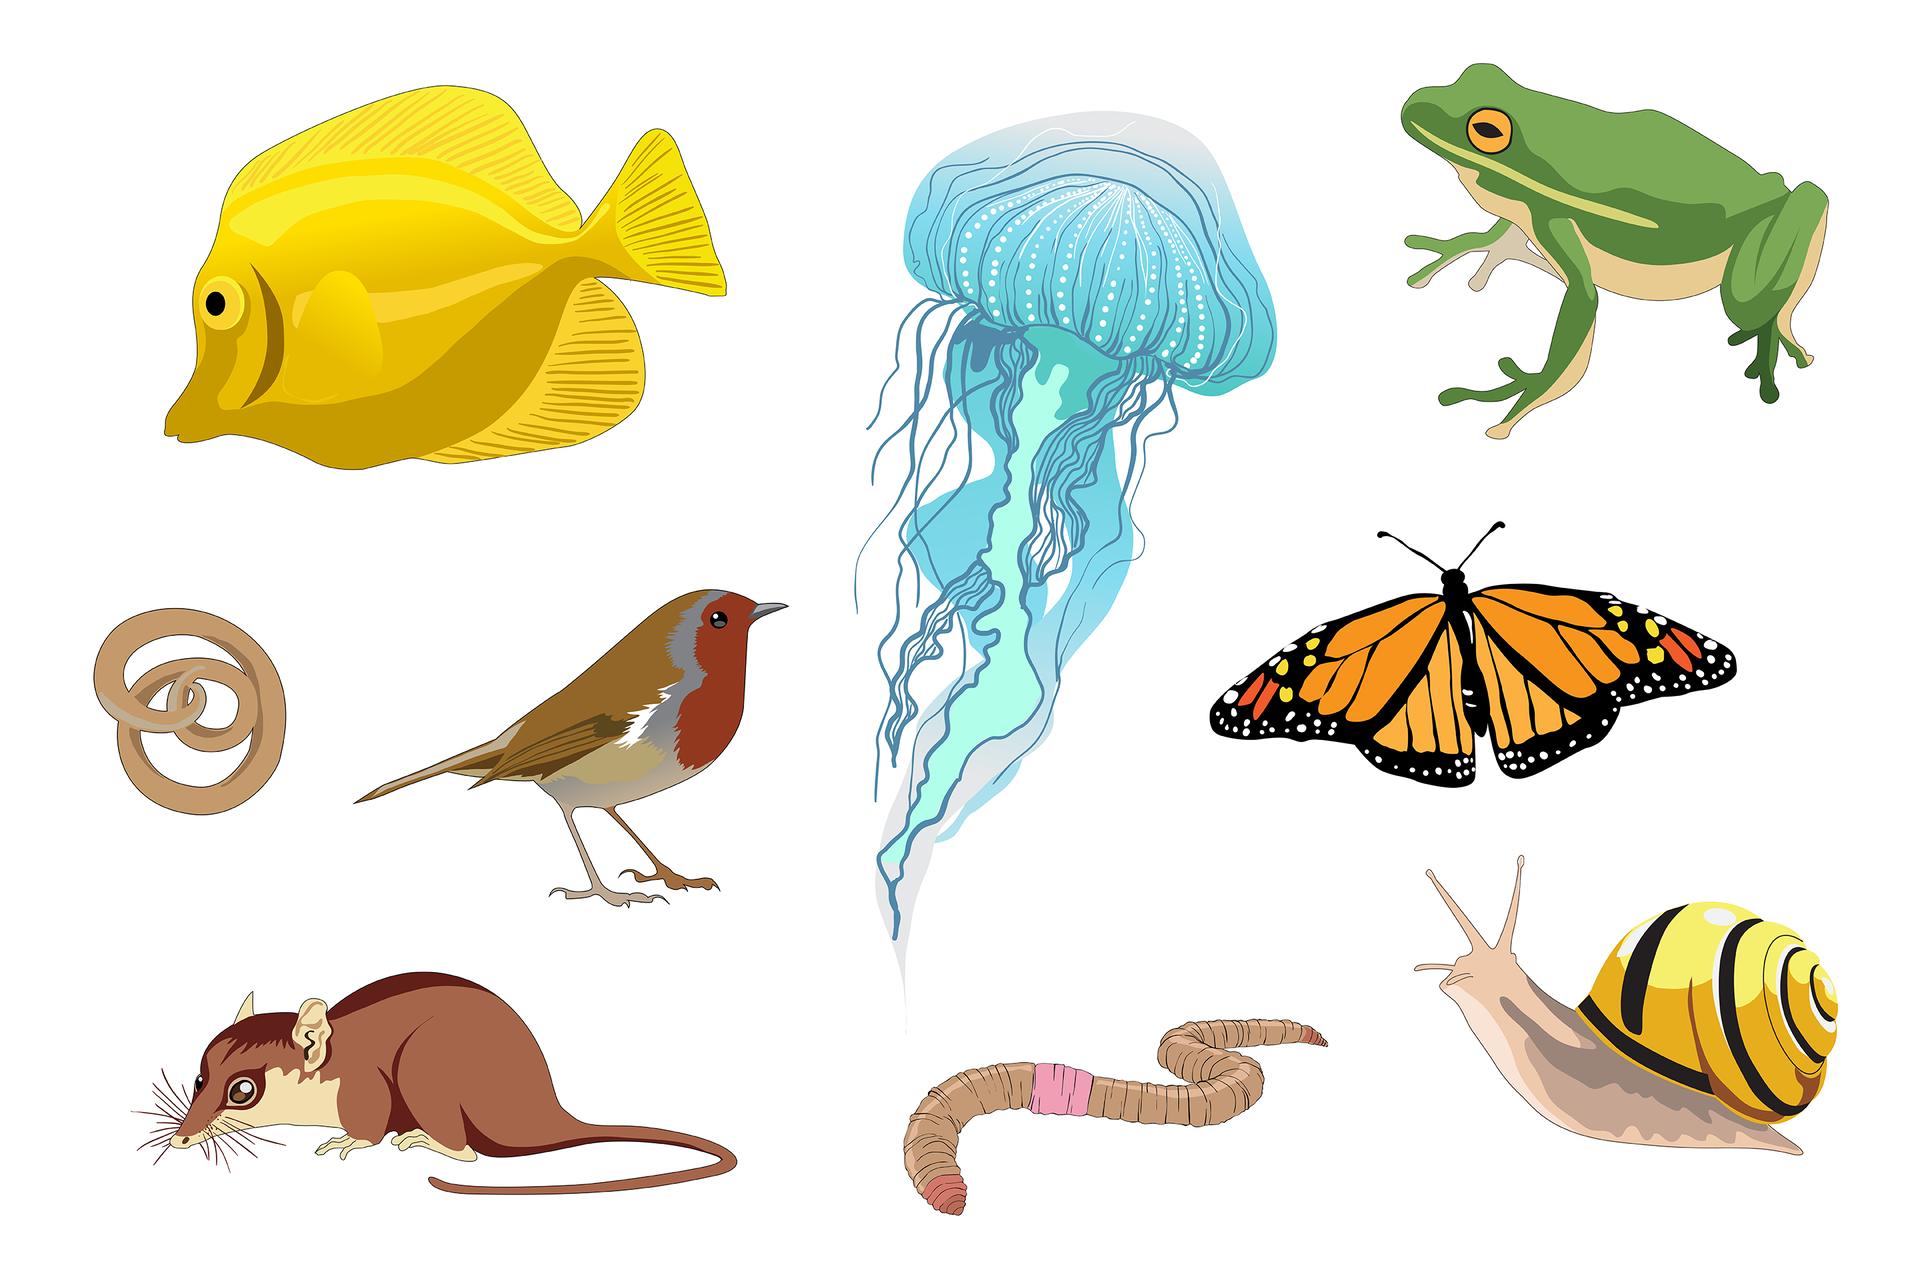 Ilustracja przedstawia kolorowe sylwetki dziewięciu zwierząt wtrzech rzędach. Od lewej ugóry: żółta płaska ryba zczarnym okiem zlewej. Błękitna meduza zdługimi czułkami wdół. Zielona rzekotka zpomarańczowym okiem zpoziomą źrenicą ijasnym brzuchem. Wśrodkowym rzędzie zwinięty wprecelek beżowy nicień. Obok stoi szaro – brązowy ptak zrudobrązową głową iszyją. Zprawej czarno - pomarańczowy motyl. Udoły zlewej brązowy gryzoń zwąsami czuciowymi na wydłużonym pyszczku idługim ogonem. Wśrodku pierścieniowata, beżowa dżdżownica zróżowym siodełkiem. Udołu zprawej różowo – liliowy ślimak , muszla żółta zczarnym pasem.